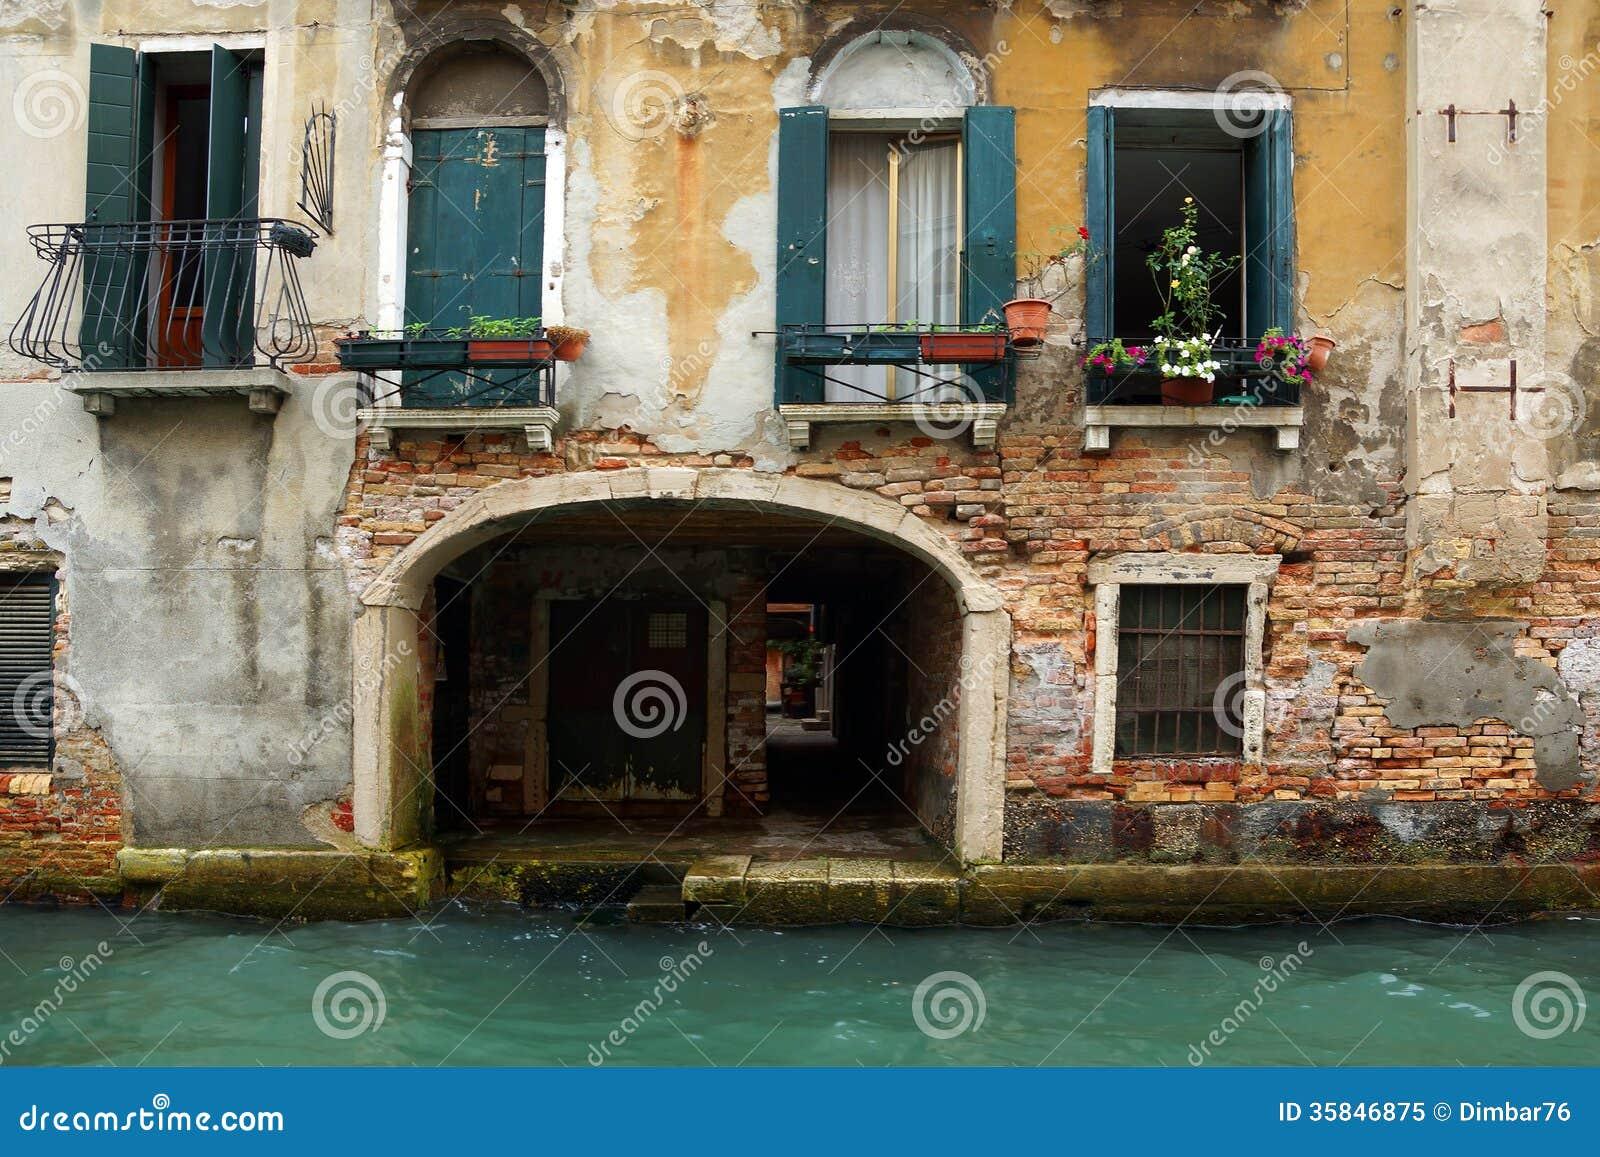 fassade eines alten hauses in venedig italien stockbild bild von blume architektur 35846875. Black Bedroom Furniture Sets. Home Design Ideas